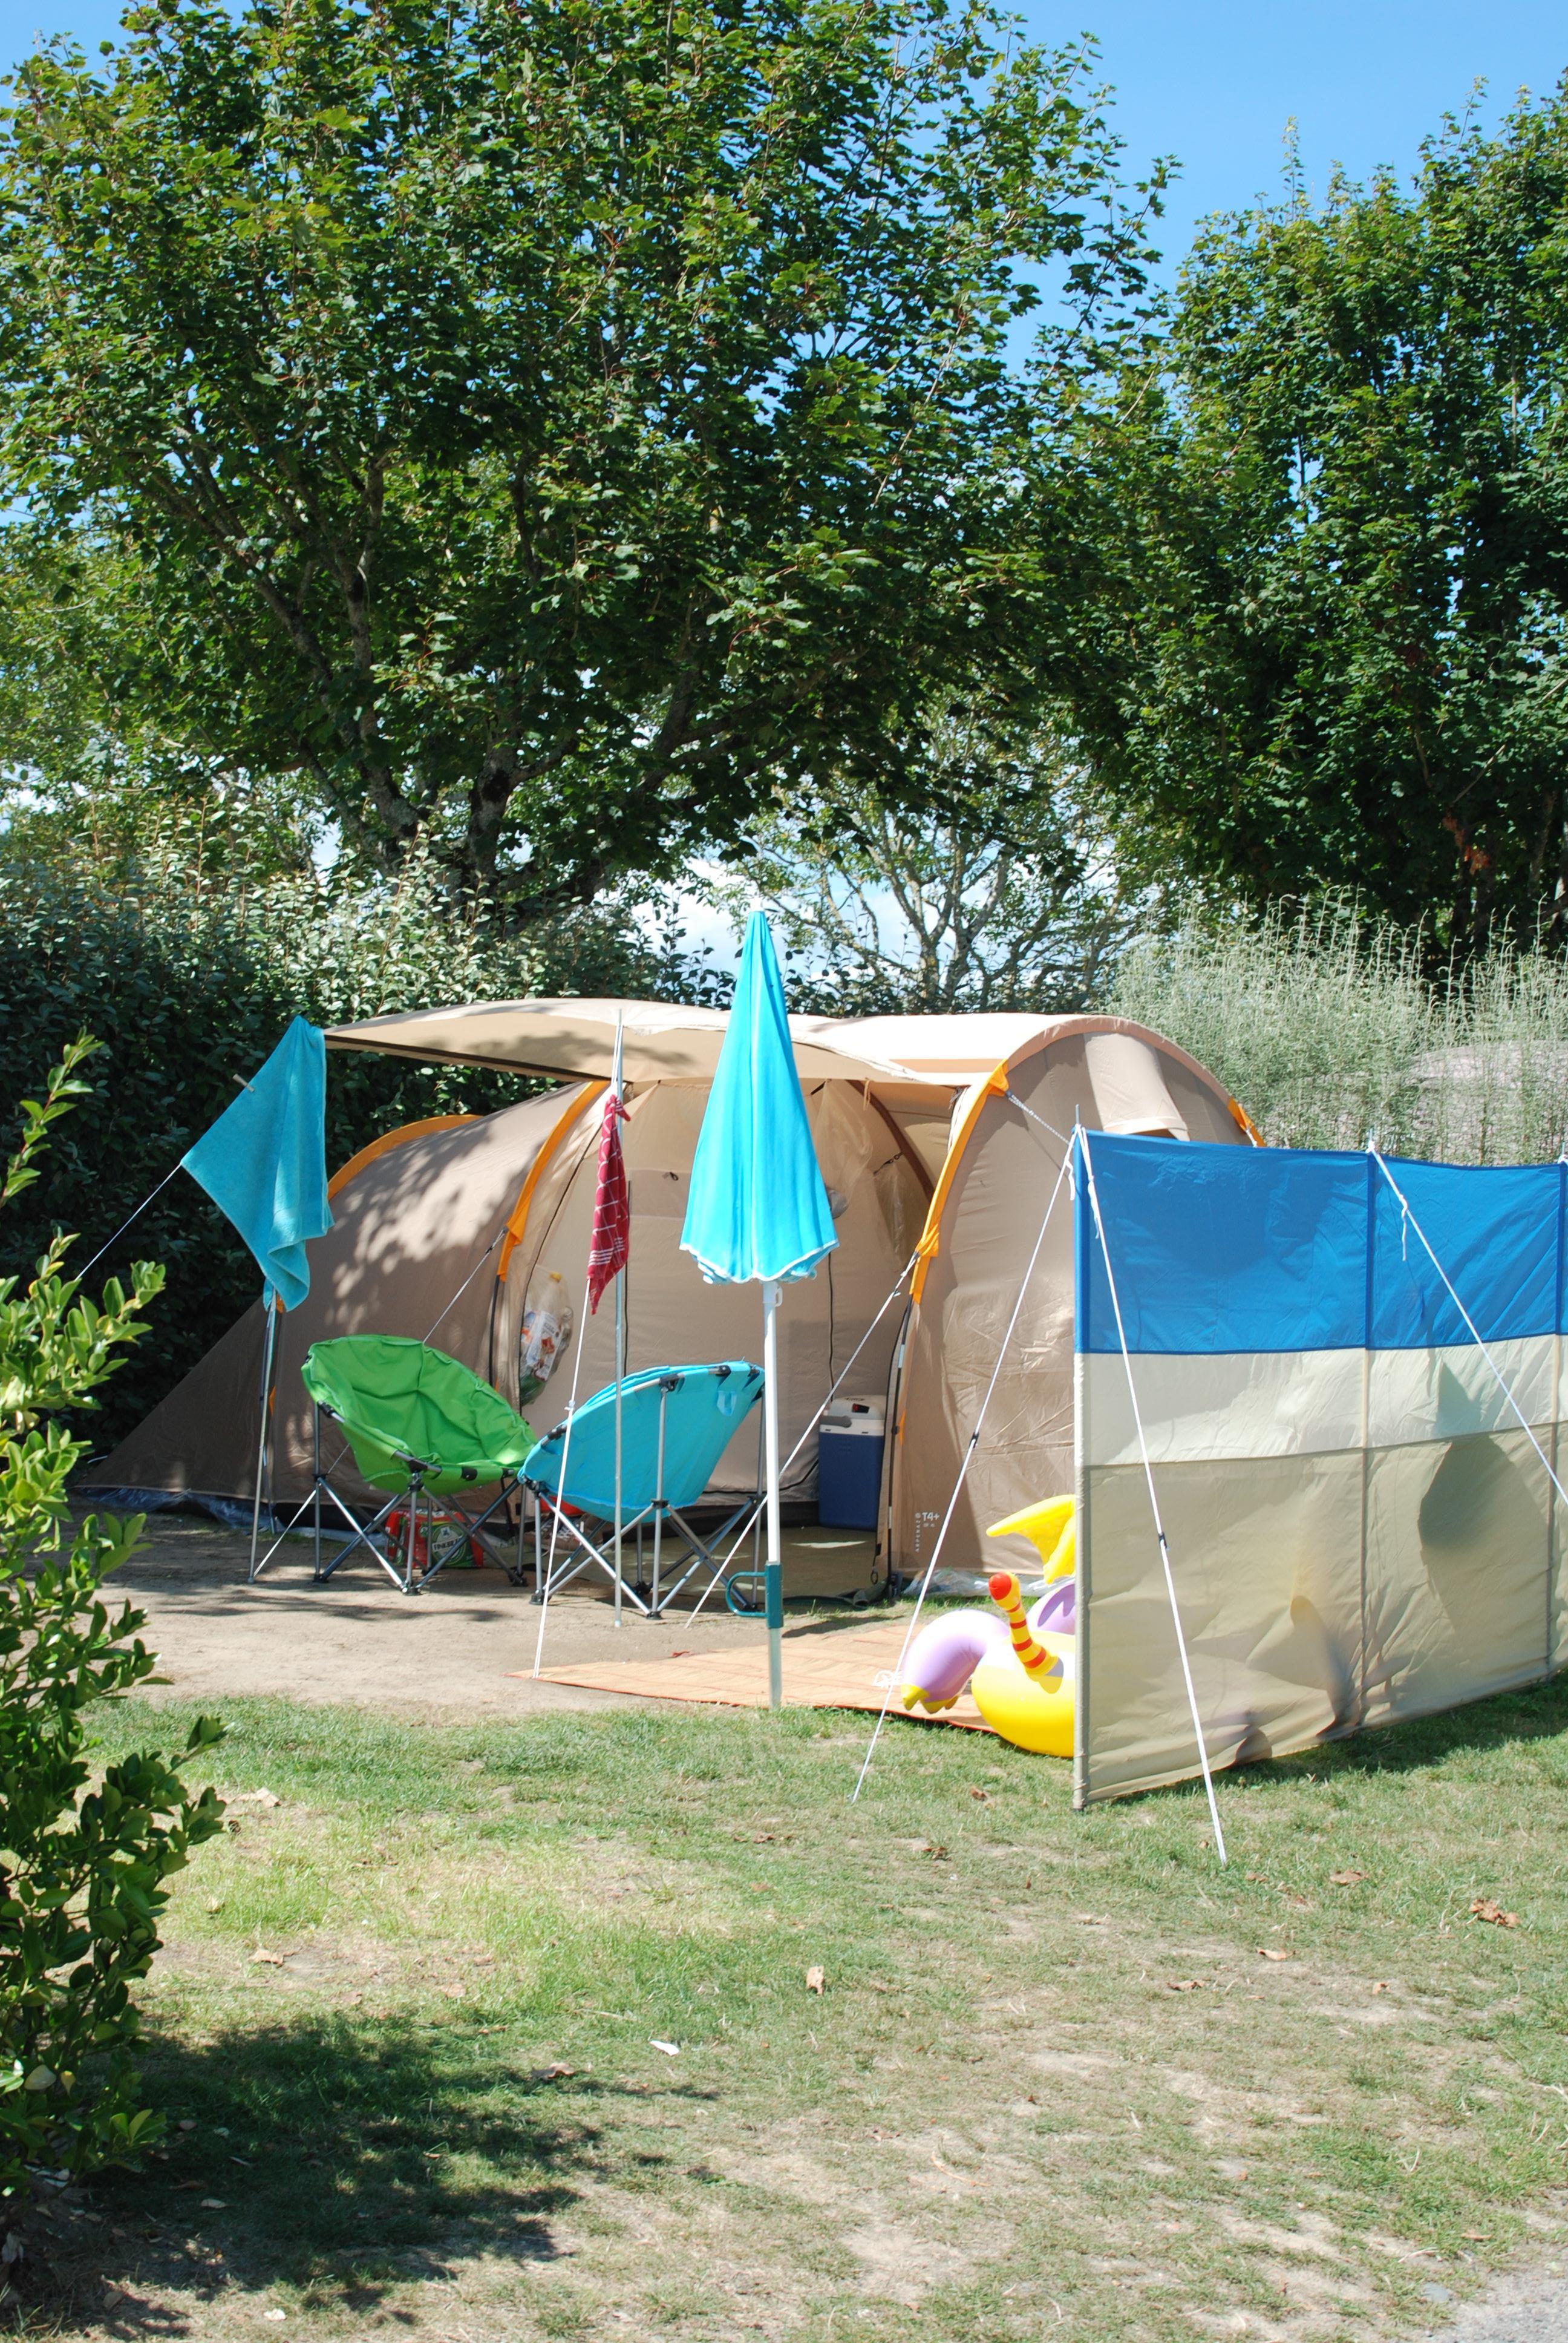 Emplacement - Empacement Nature 60M²  Électricité En Option - Camping Les Embruns